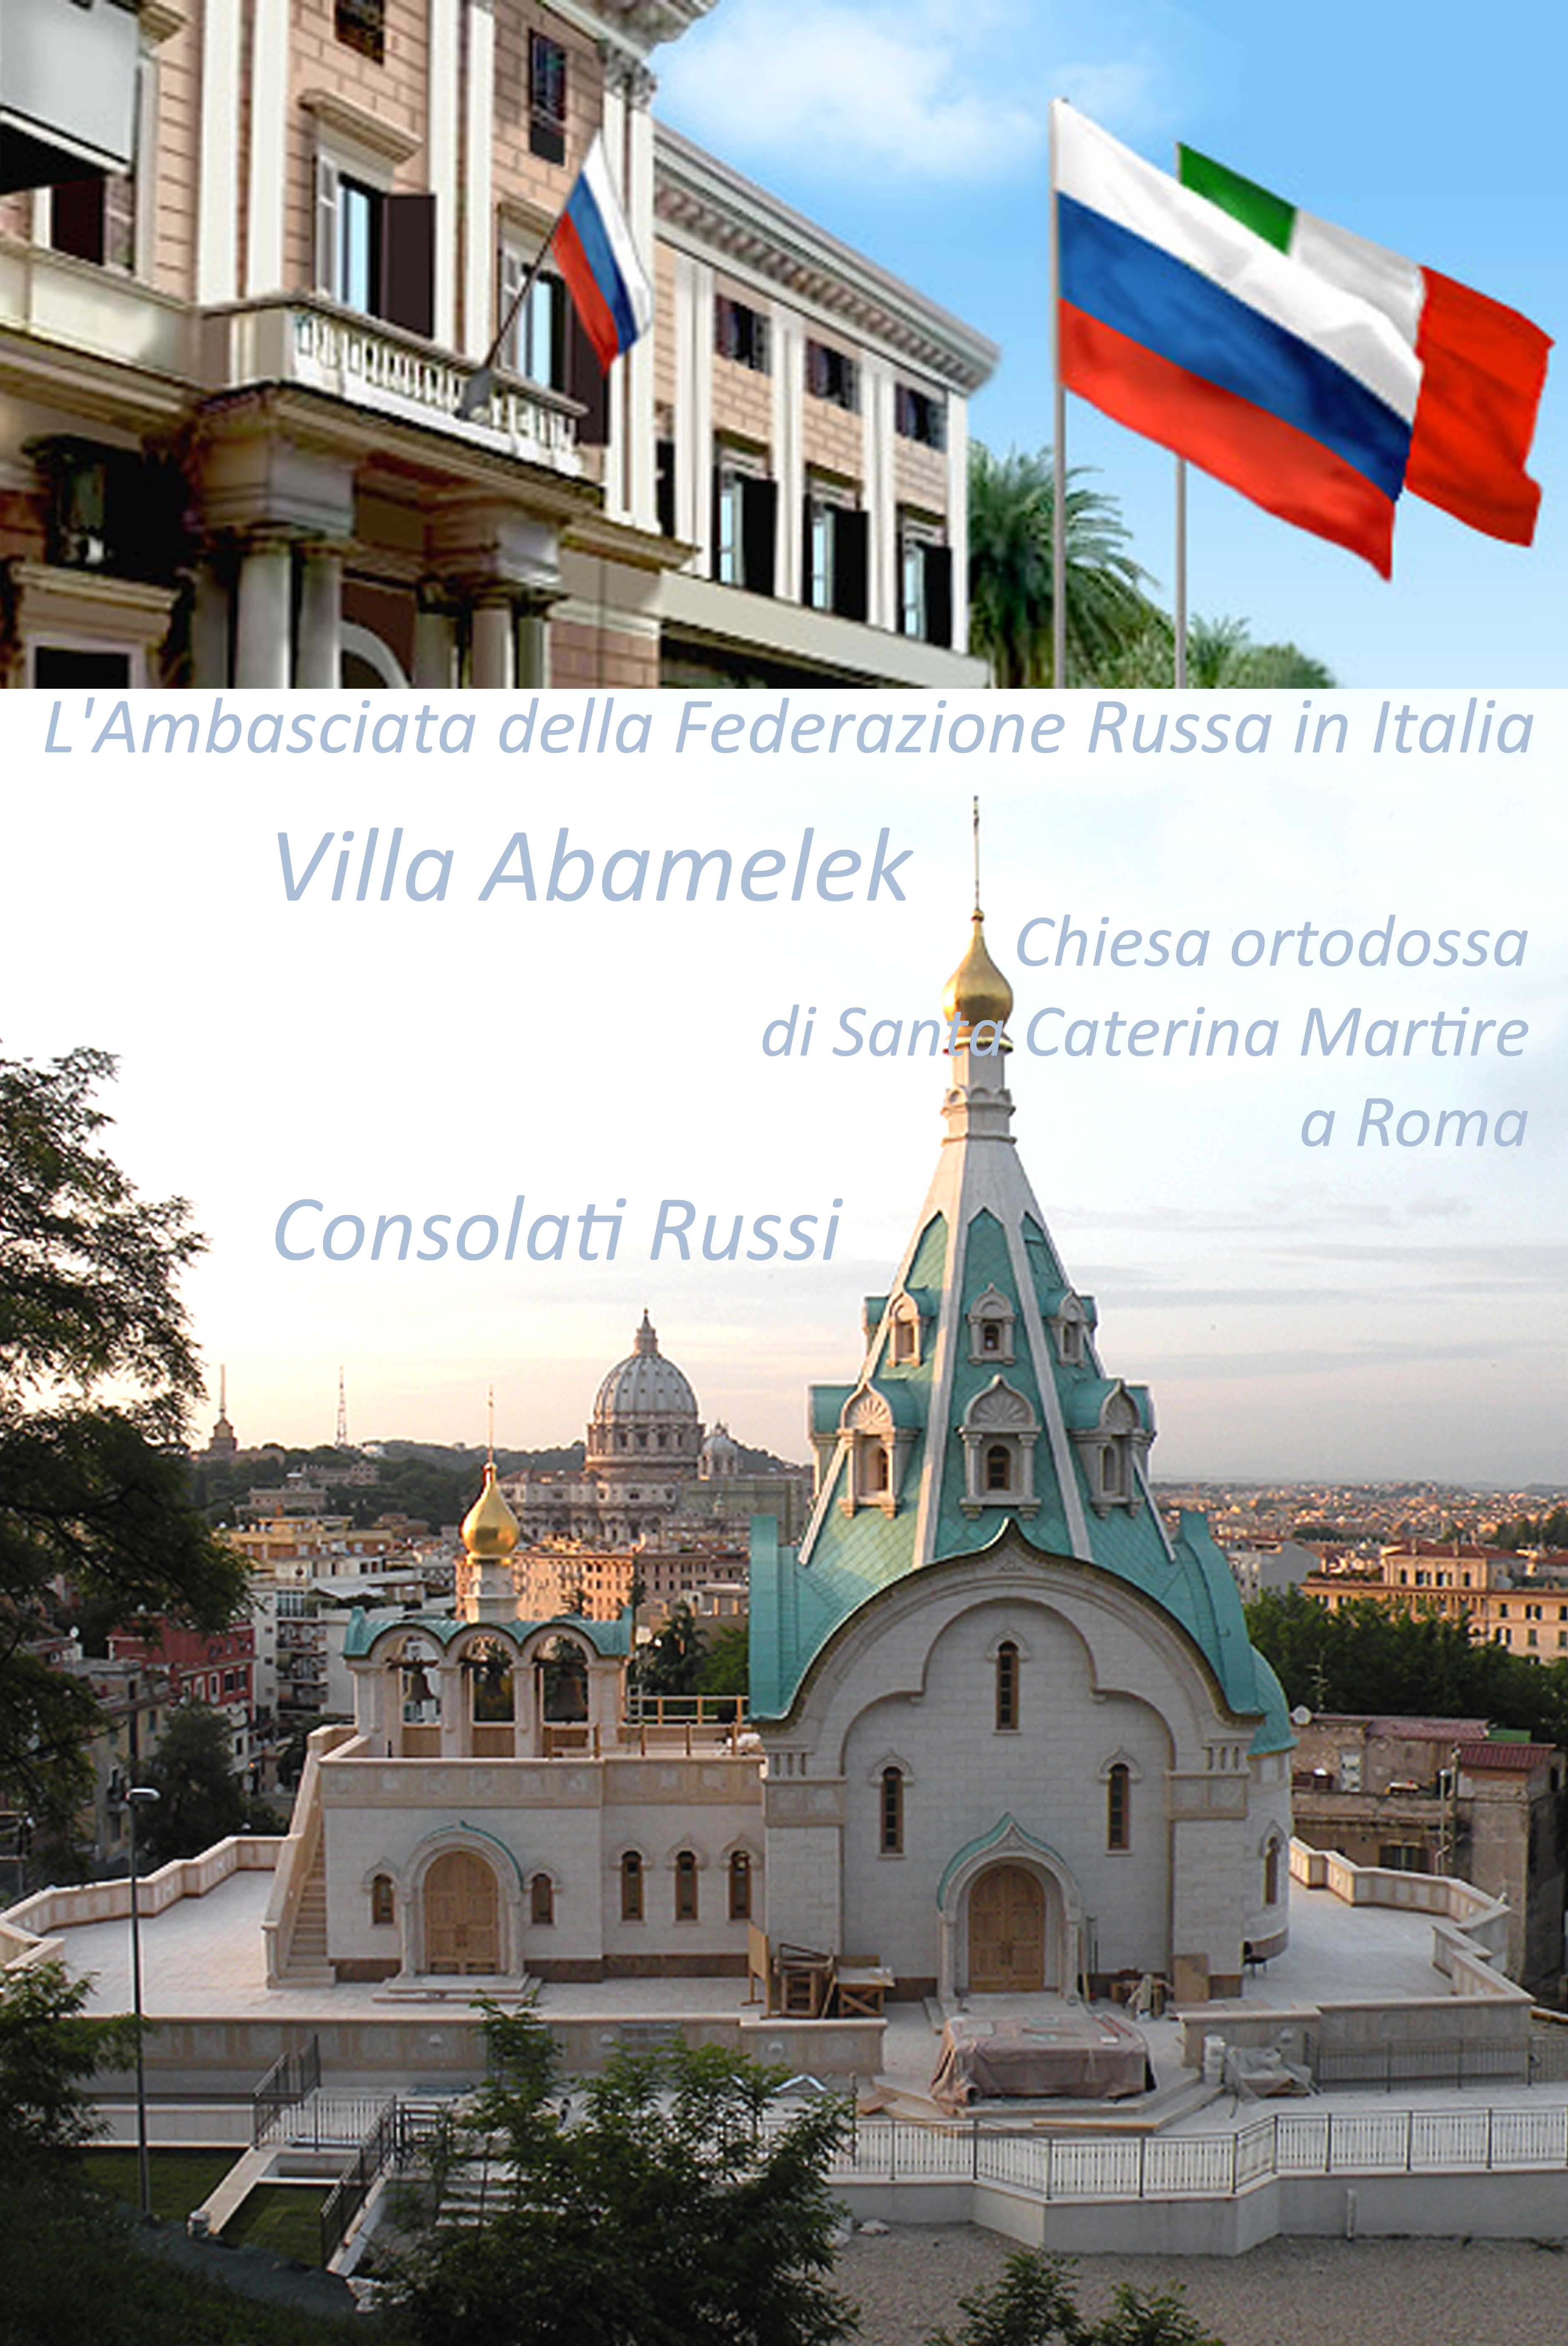 Посольство Российской Федерации в Италии